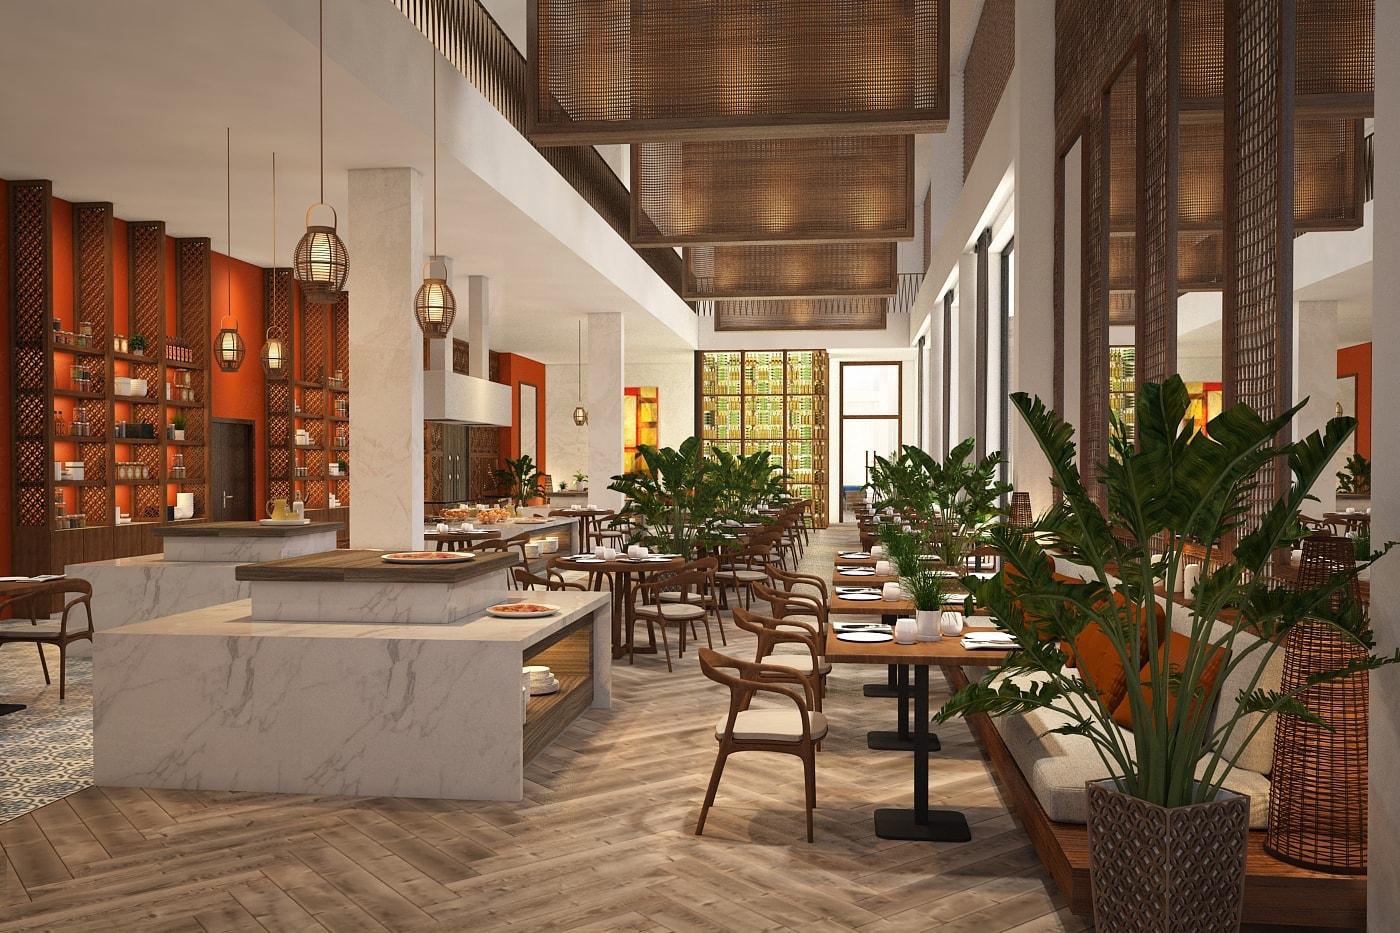 designer architect hospitality cambodia